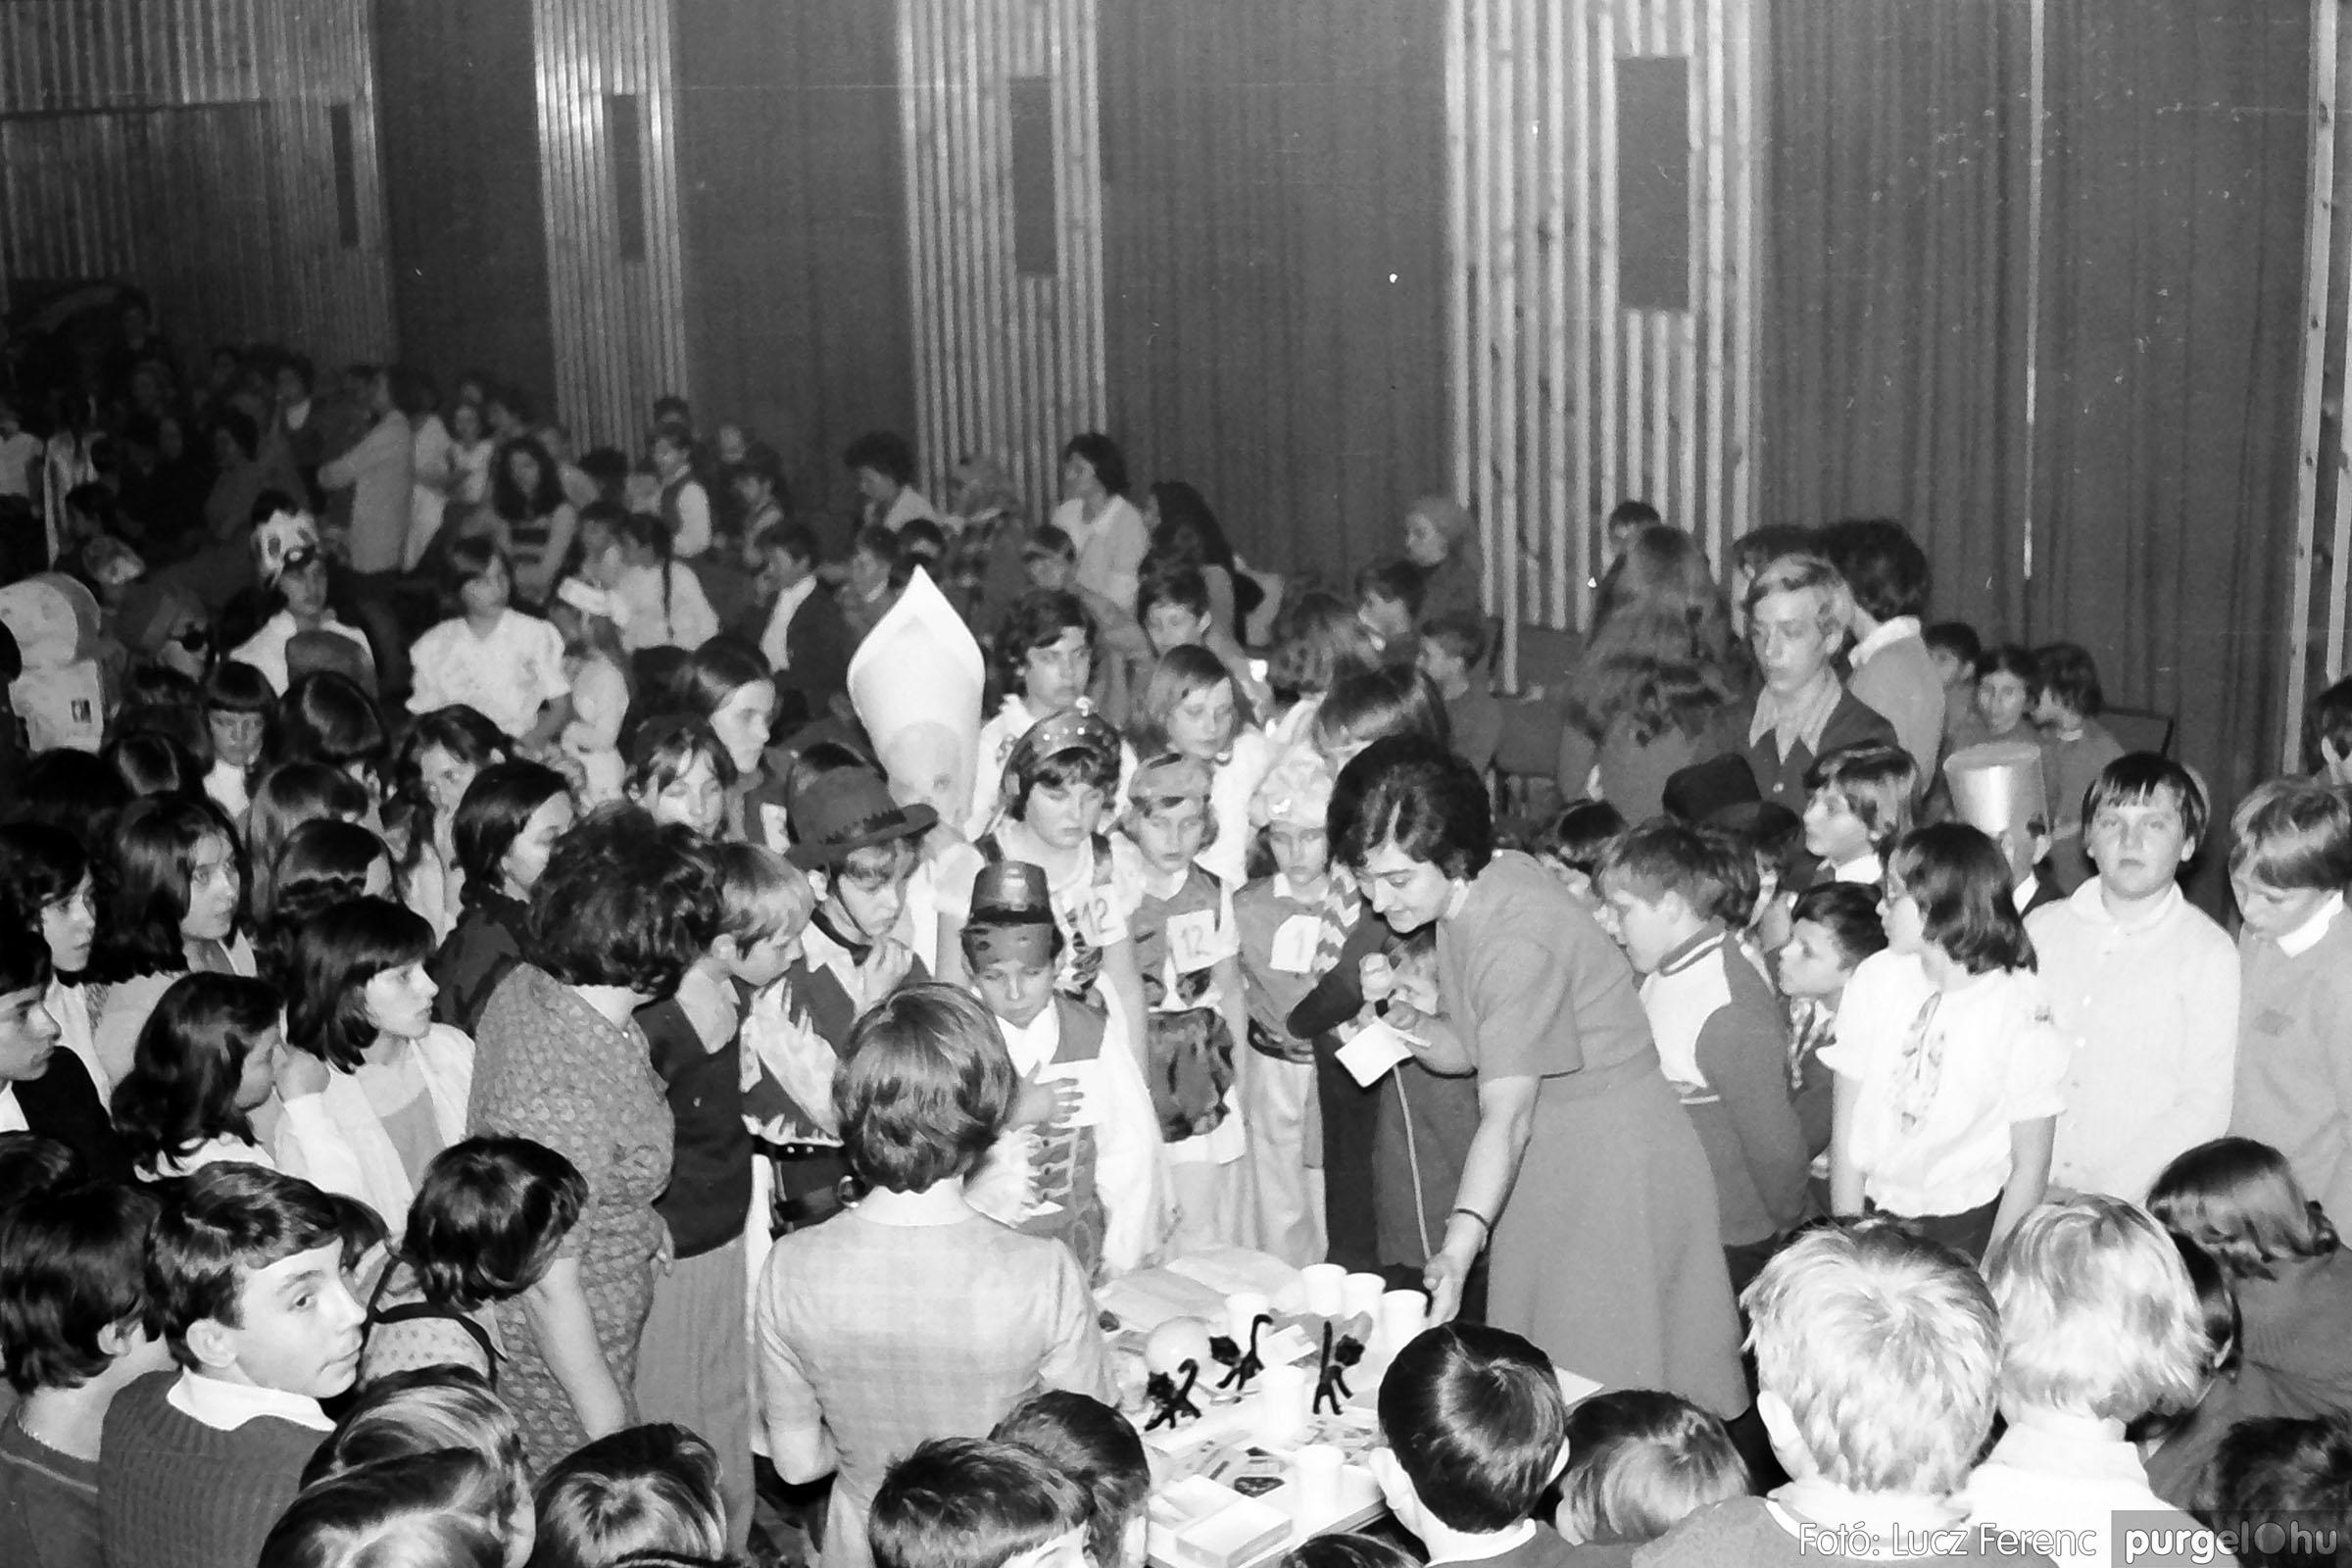 035. 1976. Iskolai farsang a kultúrházban 026 - Fotó: Lucz Ferenc.jpg